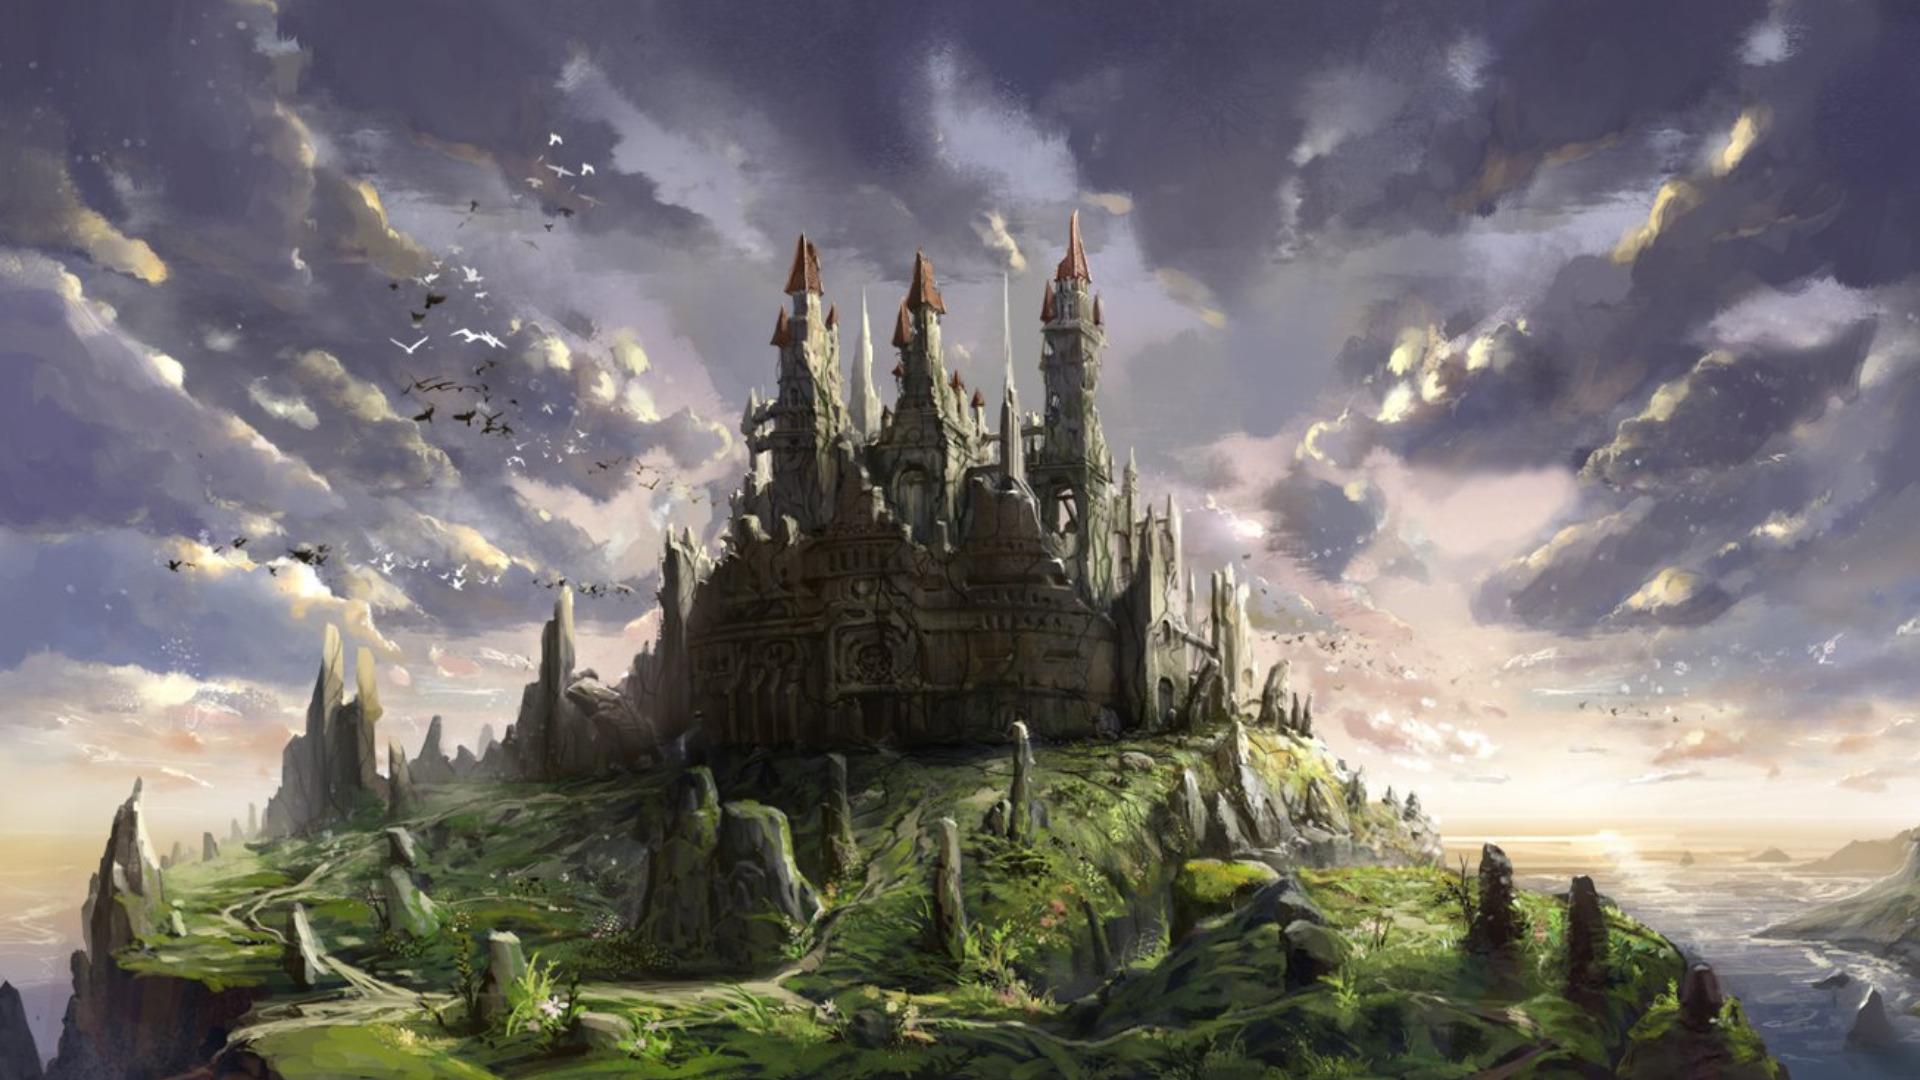 Wallpapersafari: Fantasy Castle Wallpaper HD